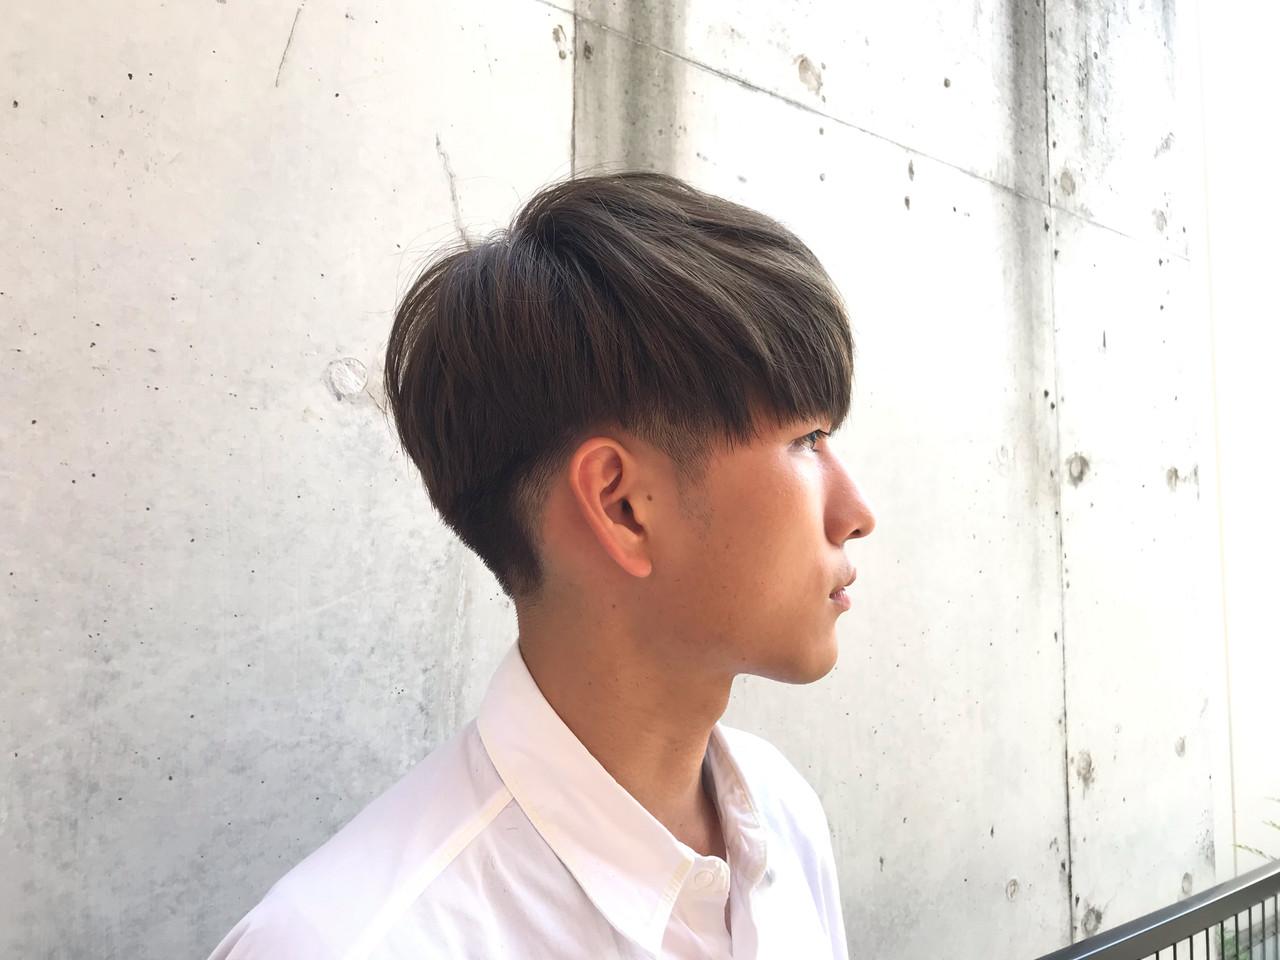 スポーツ メンズカラー ショート メンズショート ヘアスタイルや髪型の写真・画像 | affect・Misuzu / affect